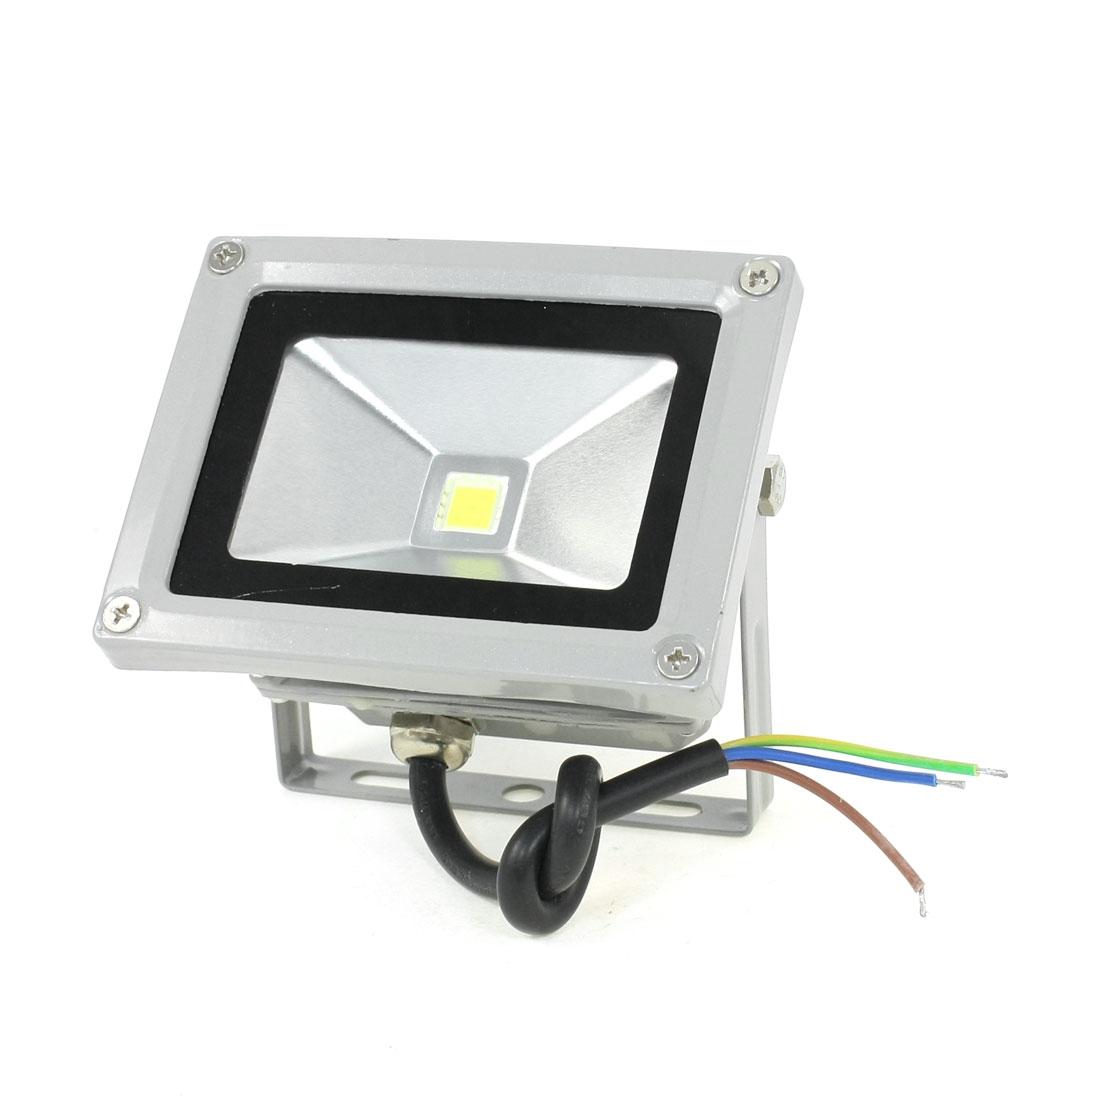 Garden Water Resistant 10W White LED Flood Light Floodlight AC 85-275V